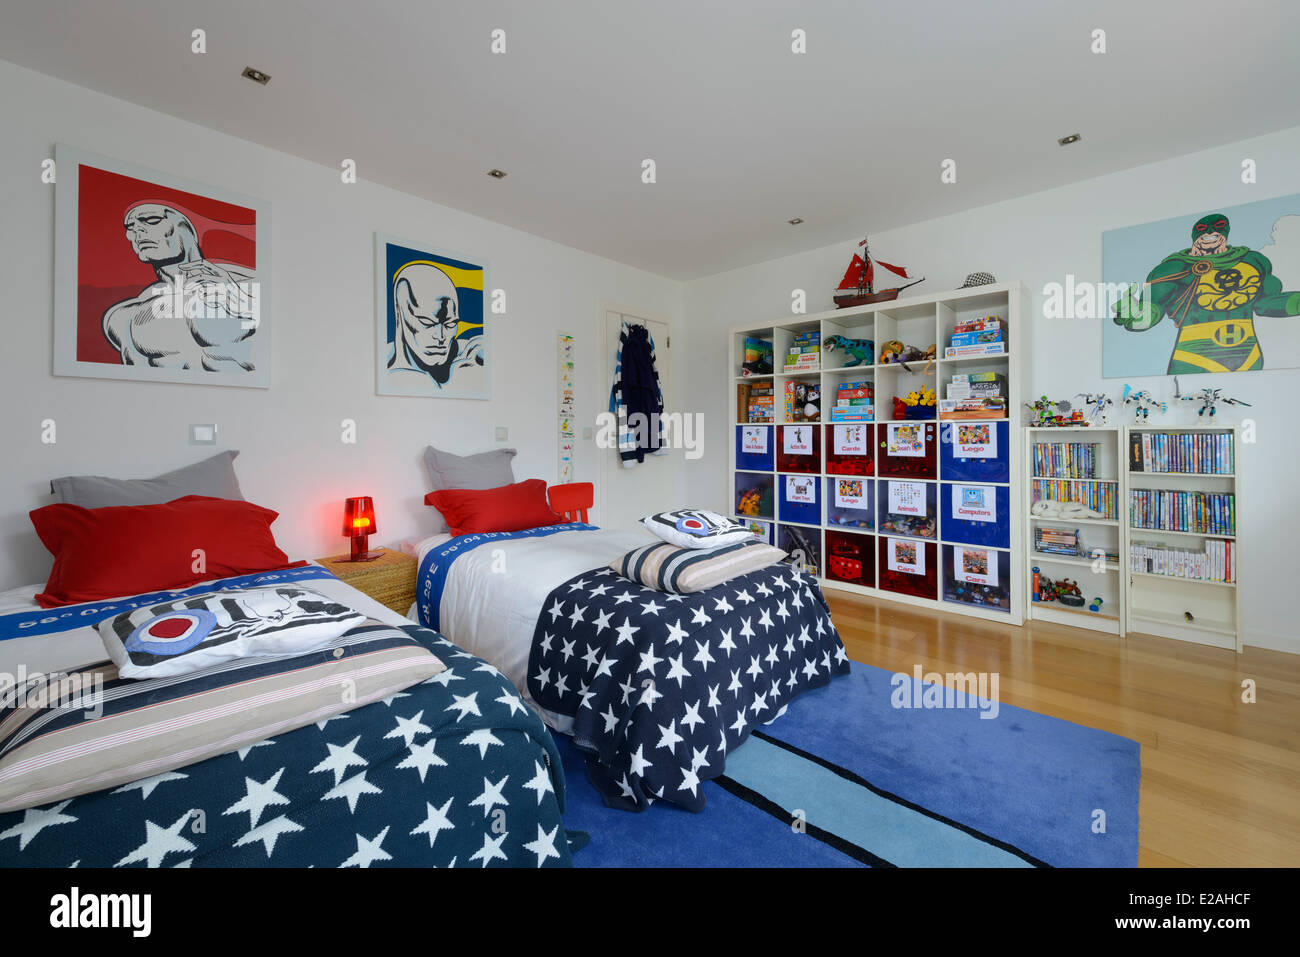 Kinderzimmer mit zwei Betten Stockfoto, Bild: 70303983 - Alamy